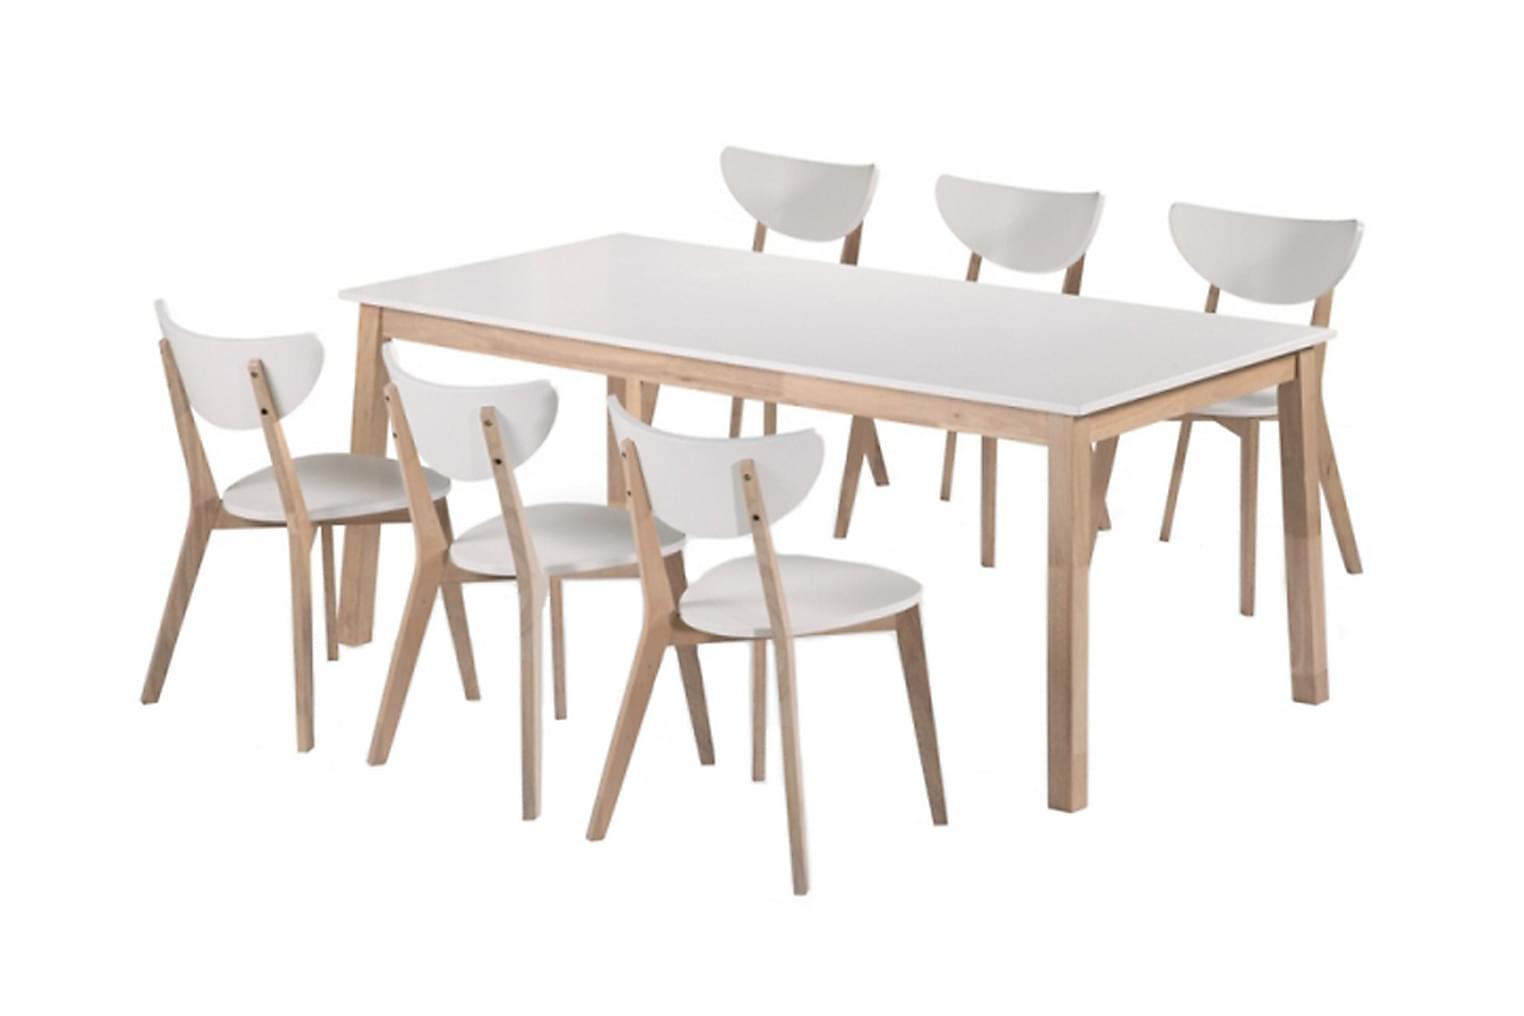 NORDQVIST Pöytä 180 Luonnonvärinen/Valkoinen + 6 Tuolia Luon